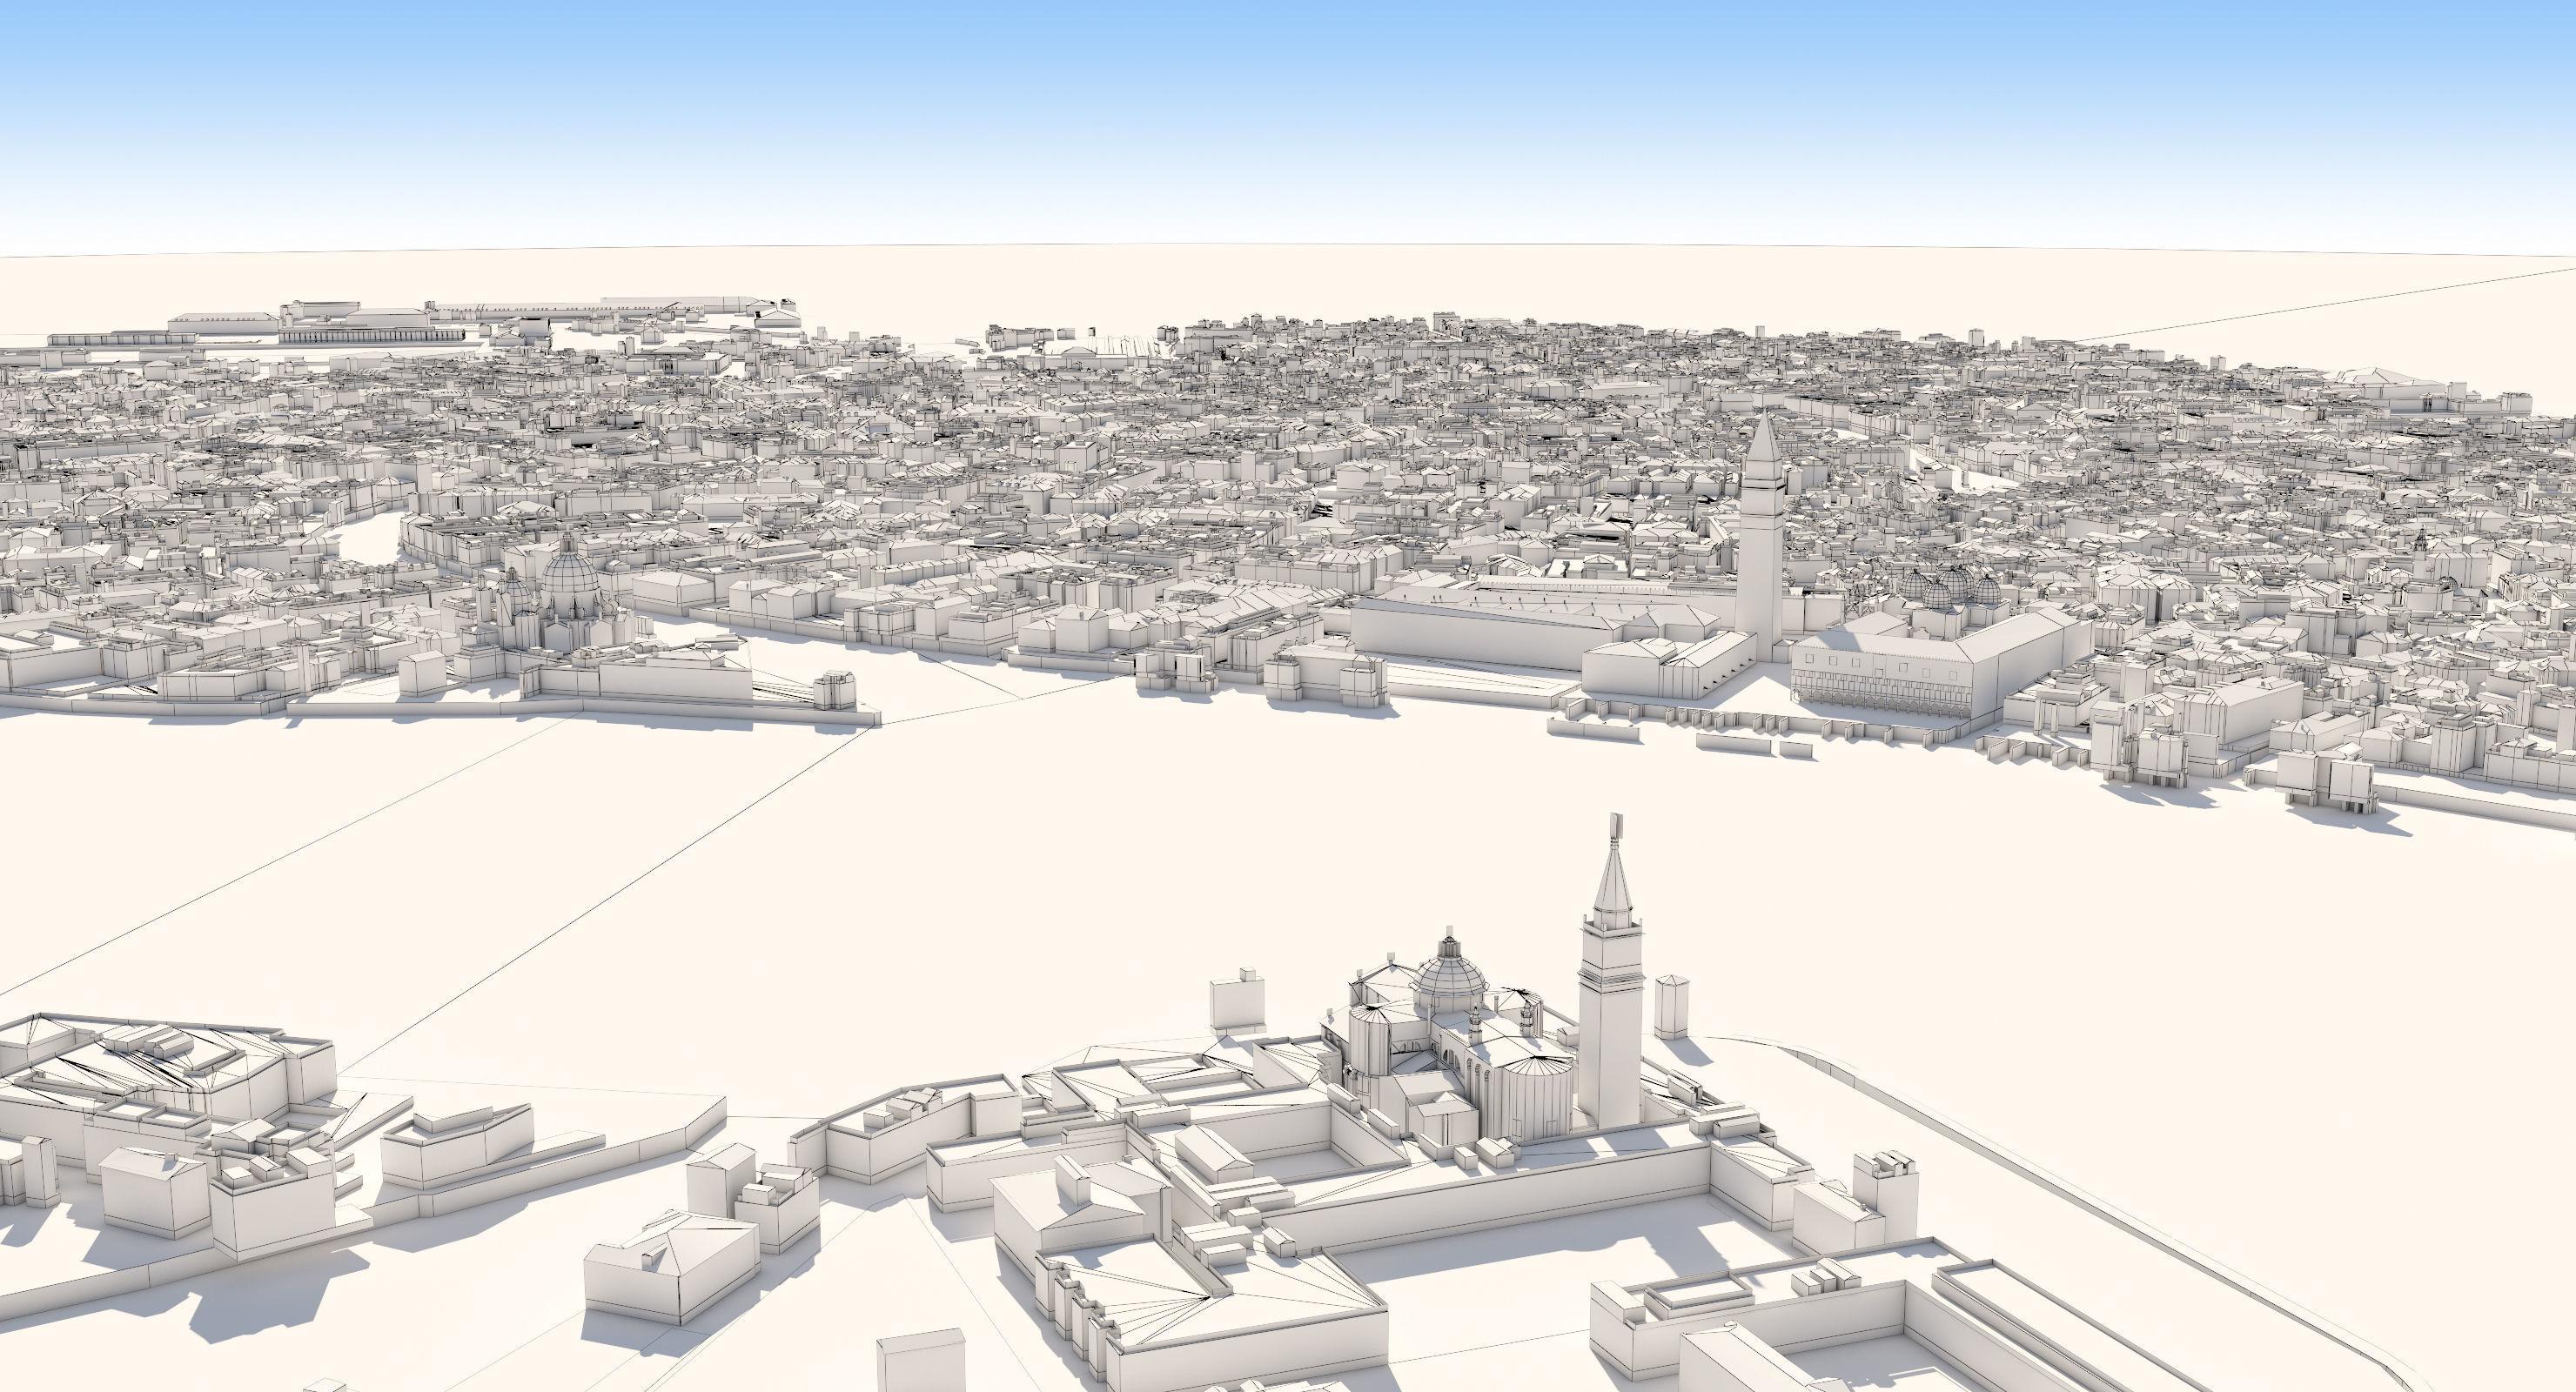 City 3d Model Obj